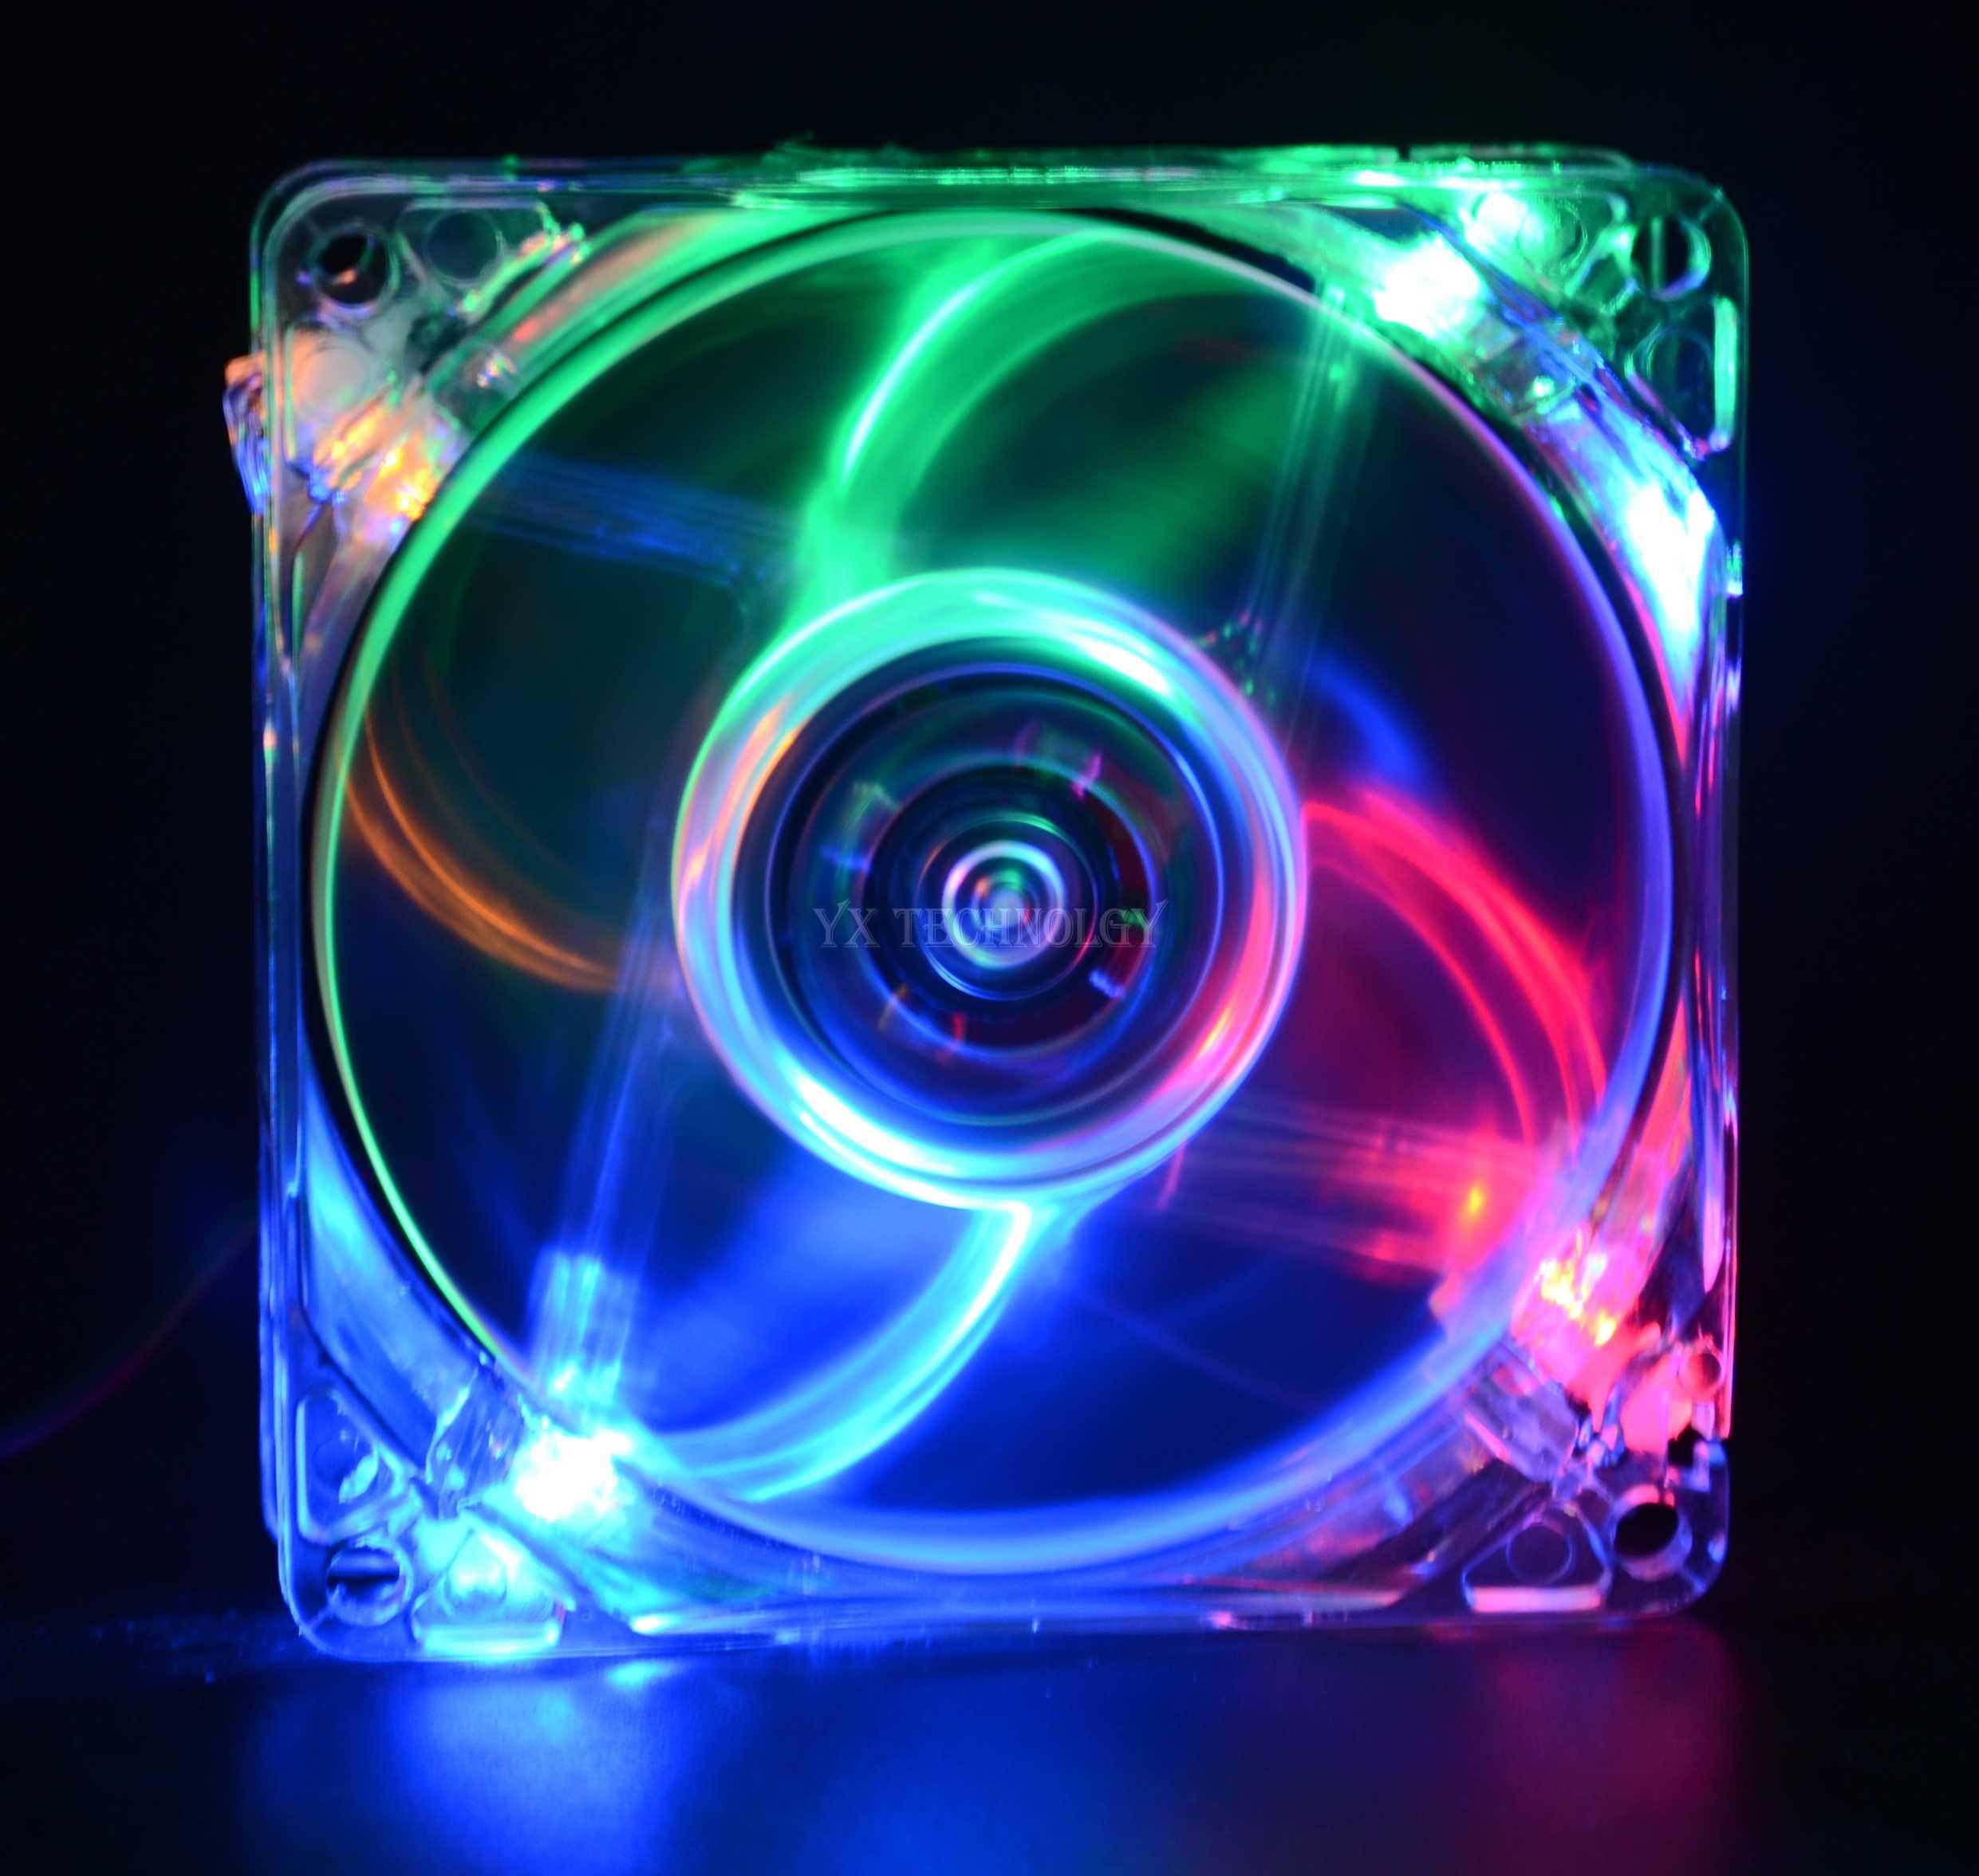 SZYTF 8025 GDT зеленый красный синий четыре цвета LED PC компьютерный корпус Бесщеточный вентилятор охлаждения 80 мм 8080x25 мм 8025S DC 12V 4Pin кулер